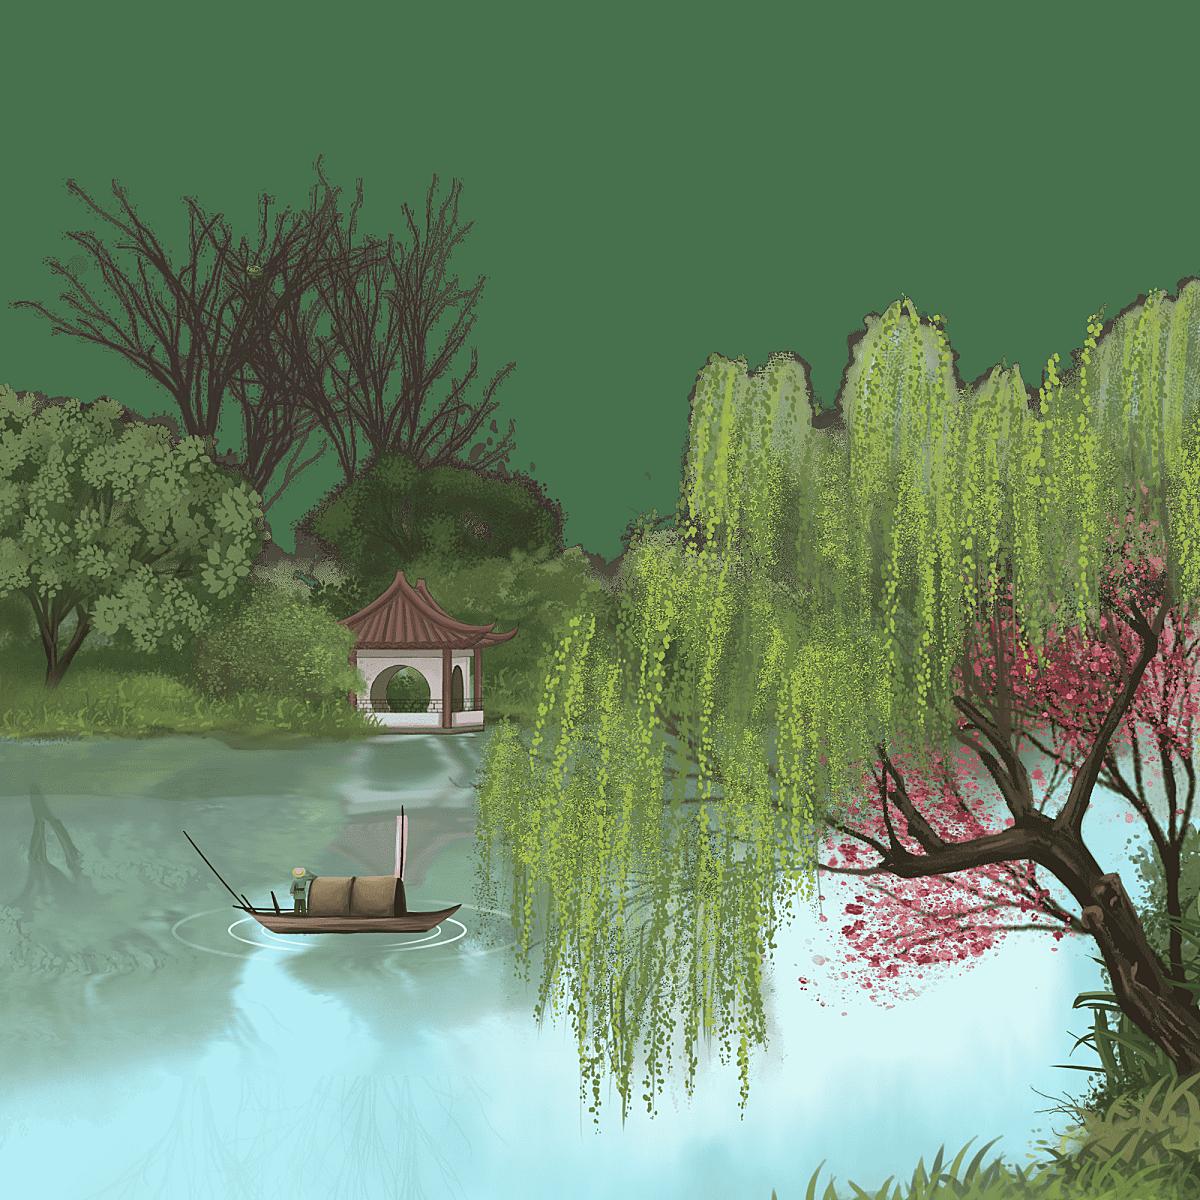 中国风-小桥流水场景-标准